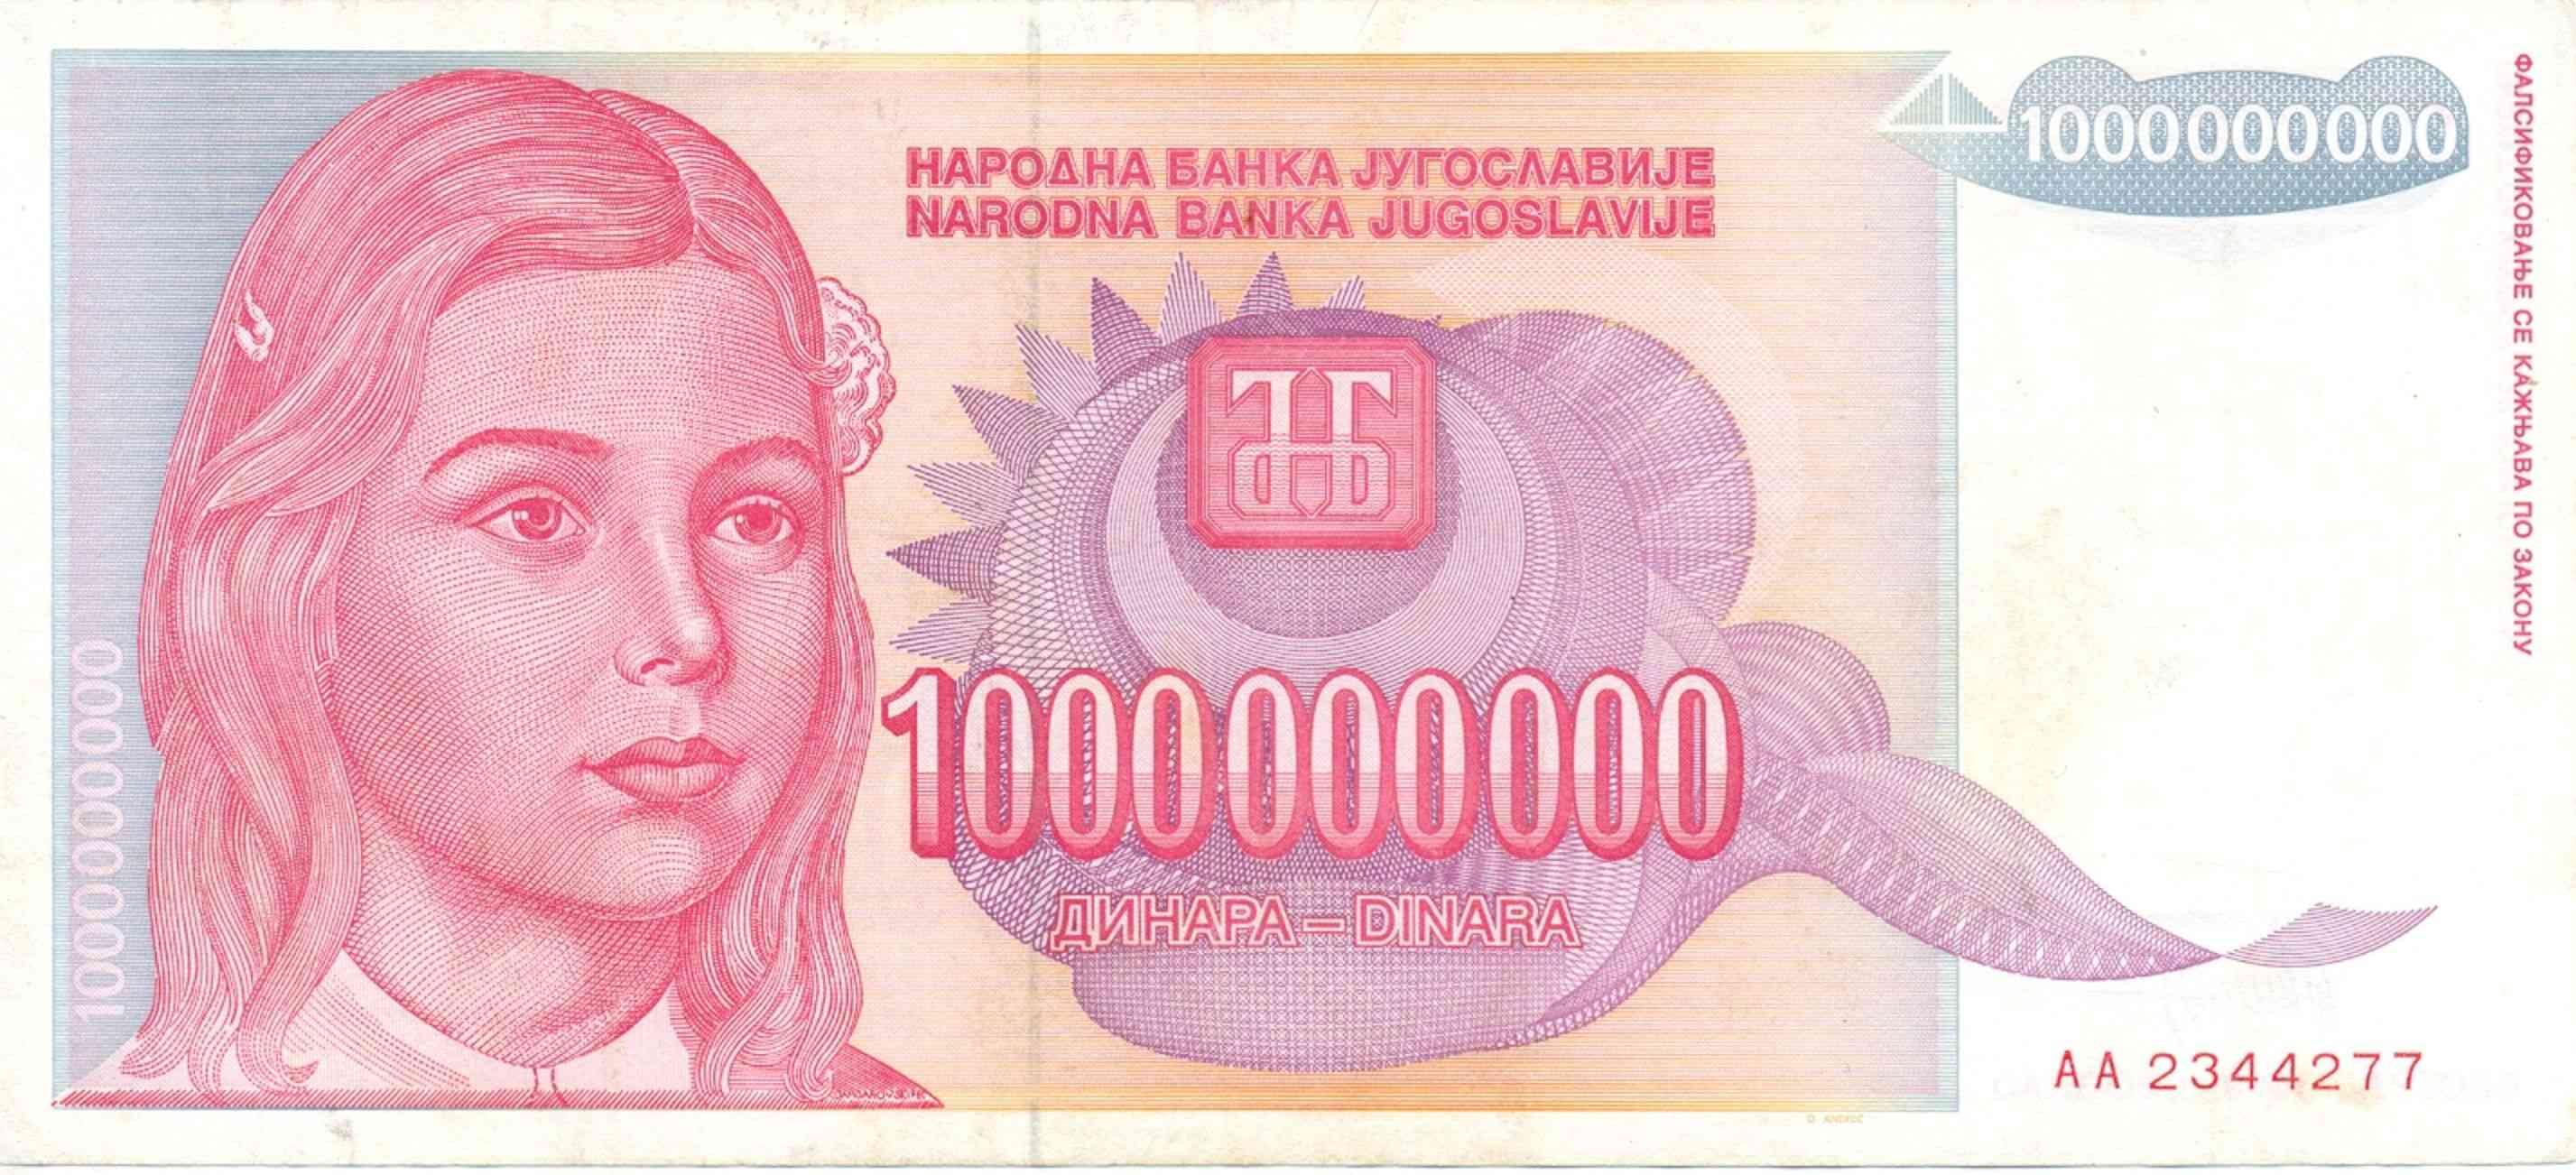 Banknote Index - Yugoslavia 1000000000 Dinar: P126